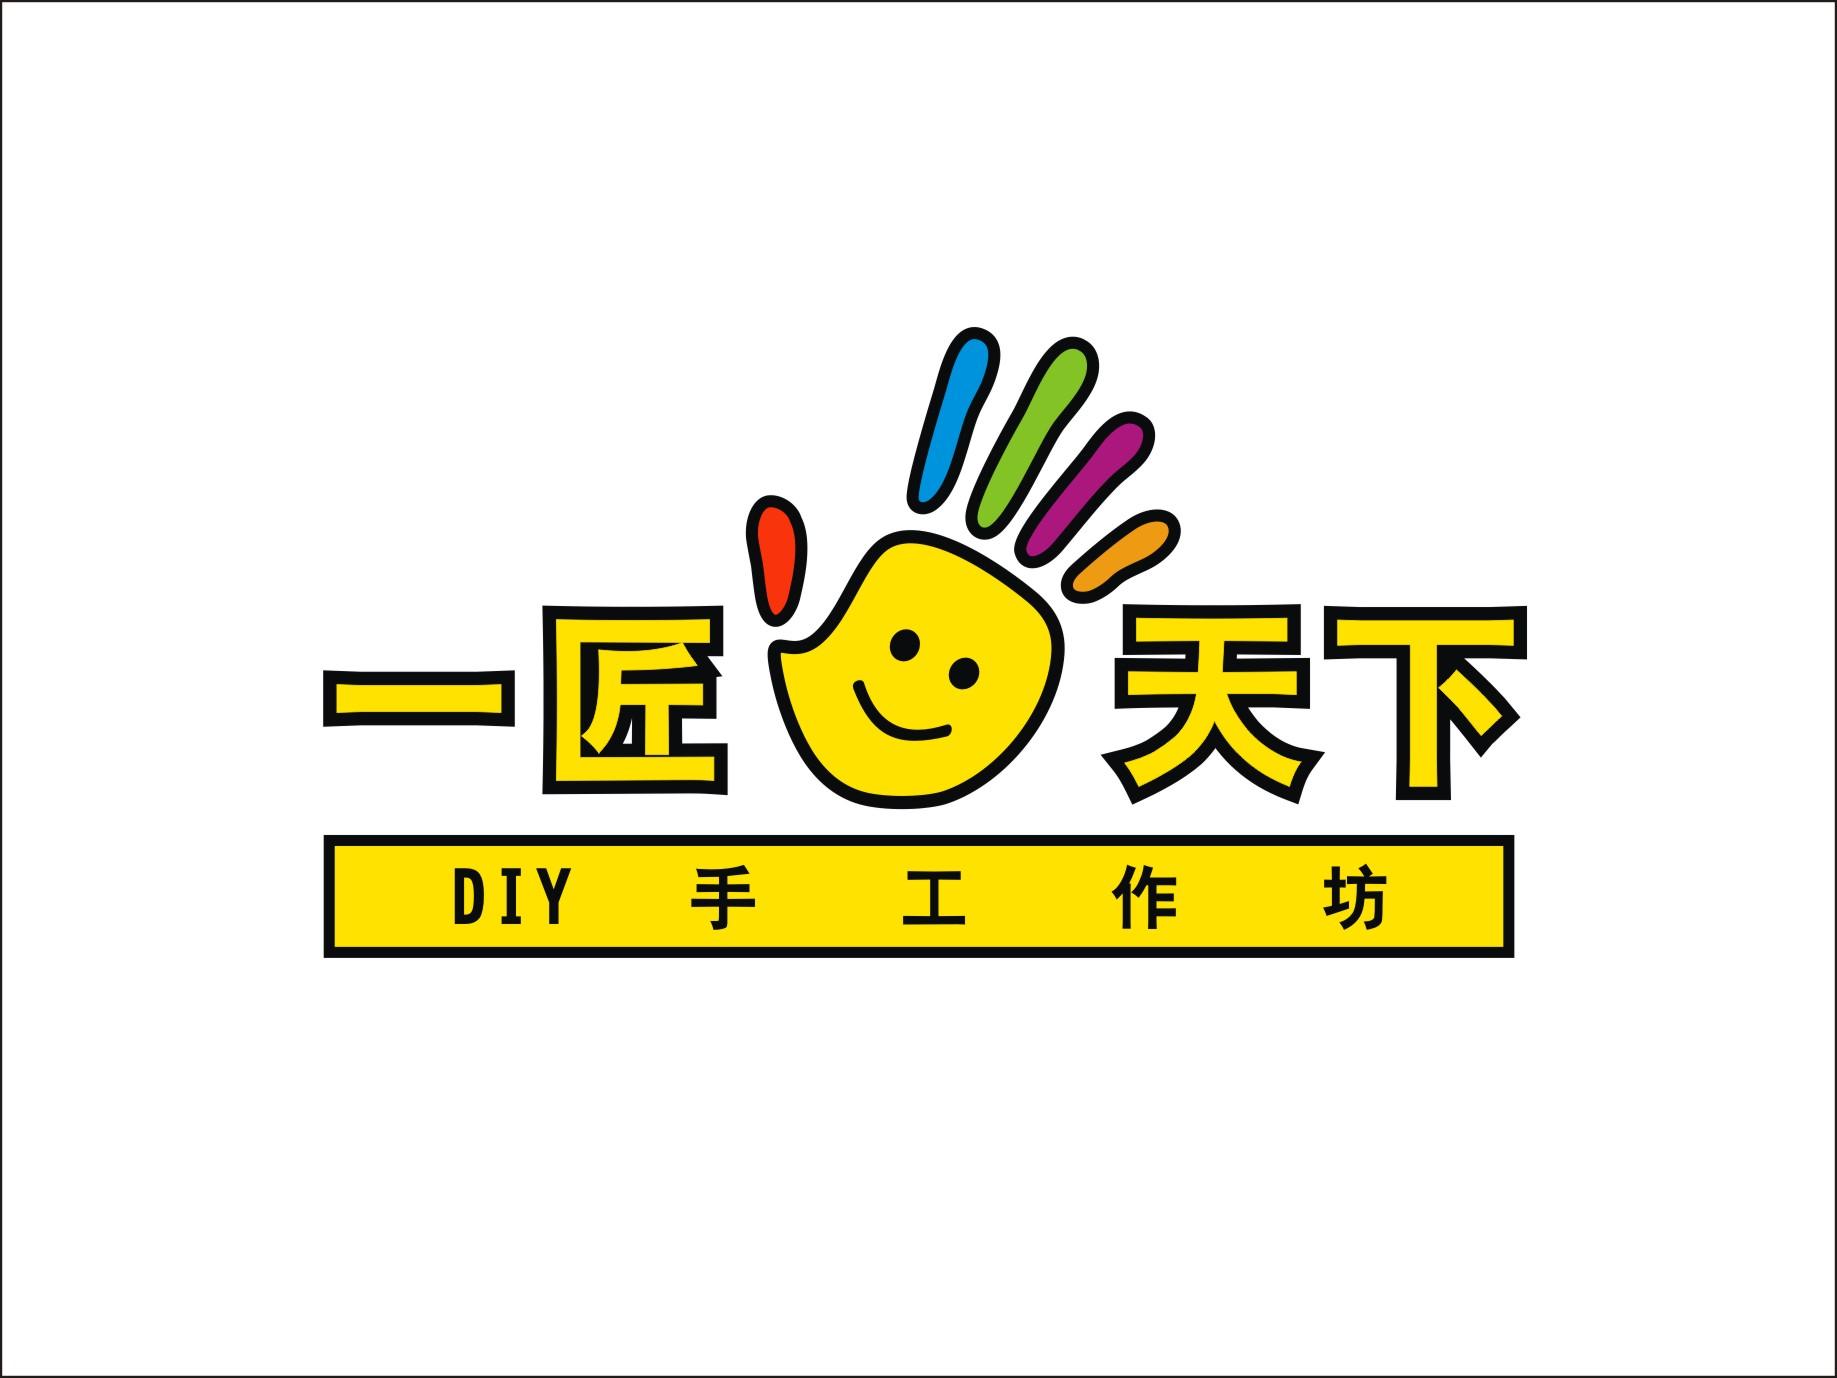 logo logo 标志 设计 矢量 矢量图 素材 图标 1837_1378